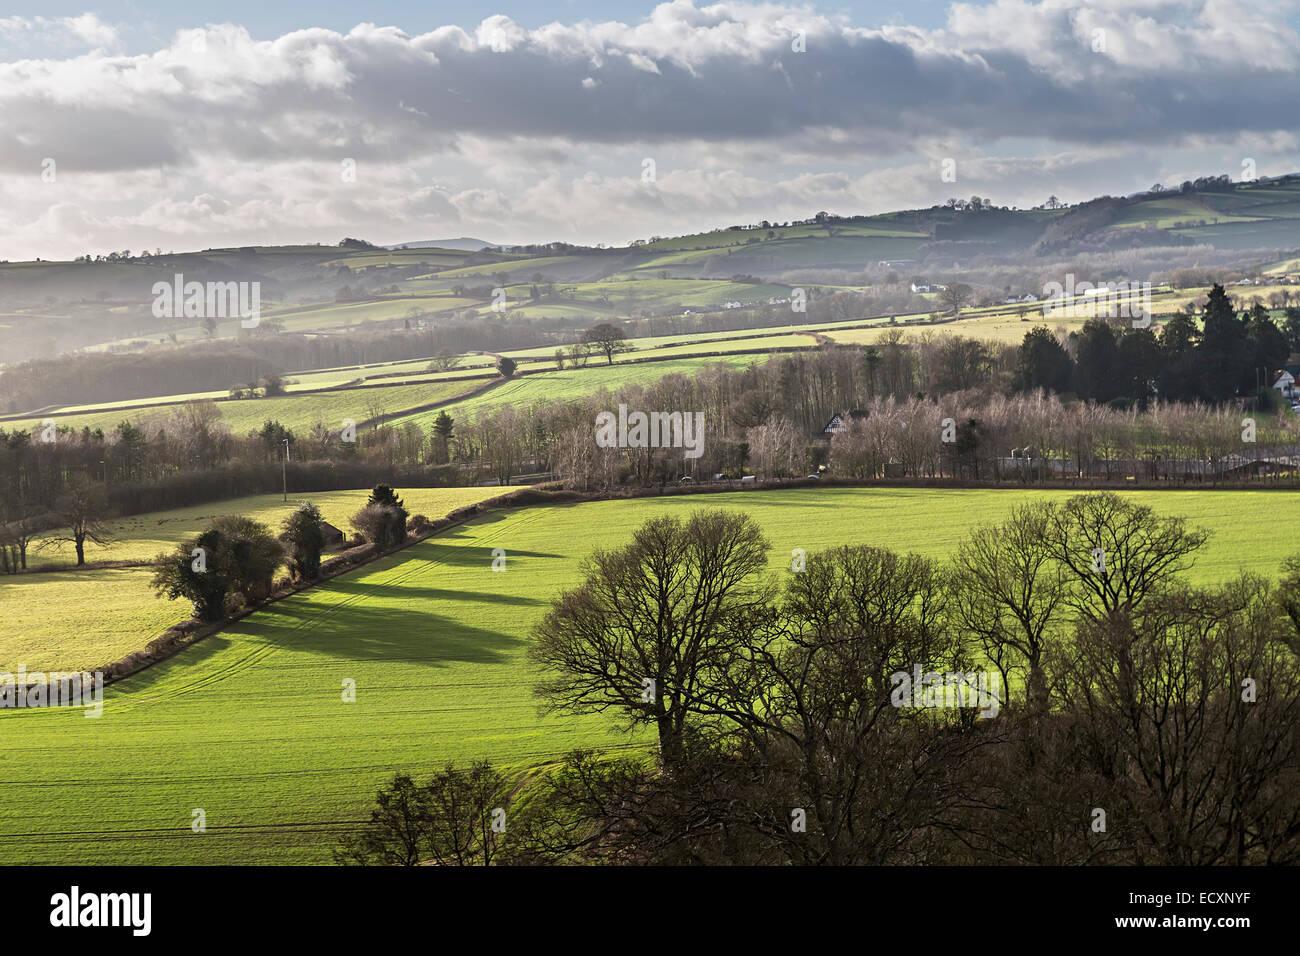 El paisaje a través de los campos en el Raglan, Wales, REINO UNIDO Foto de stock